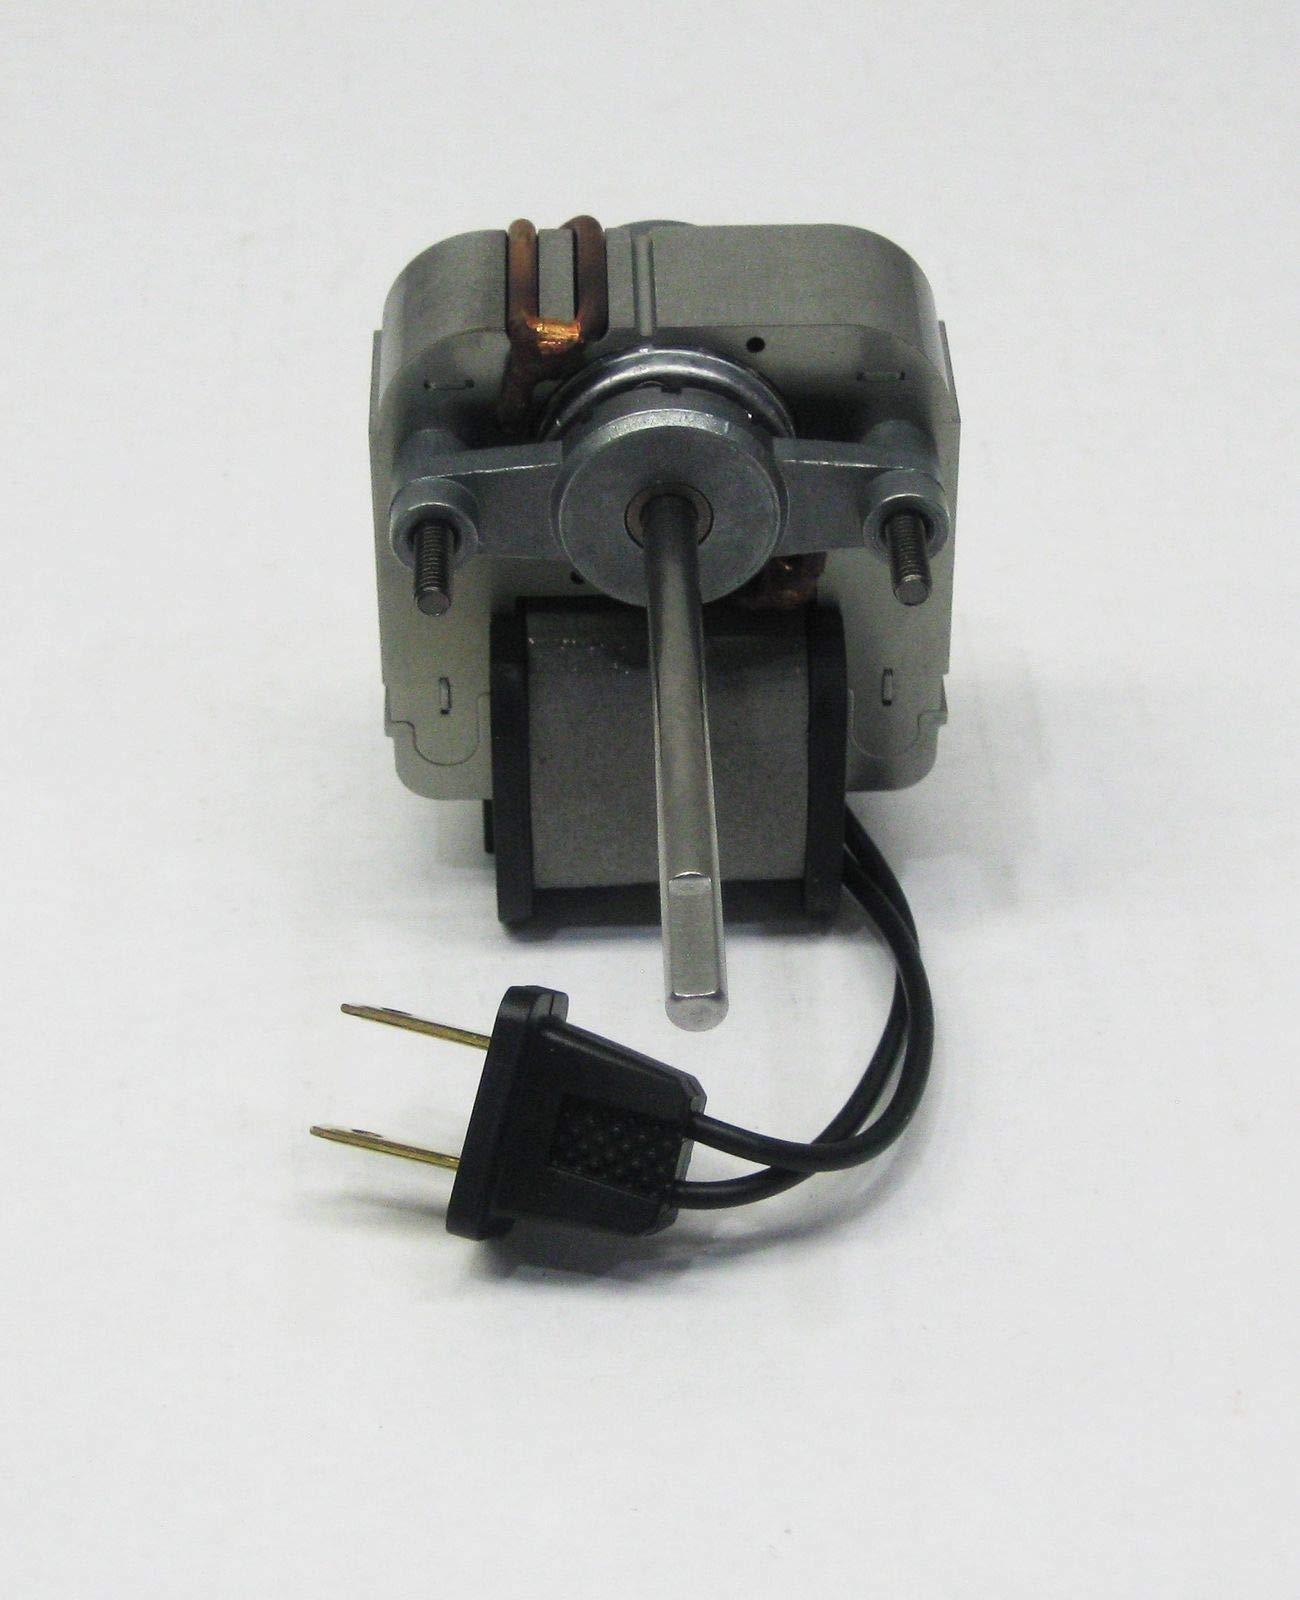 97010254 Bath Fan Motor for Models 99080351 162 164